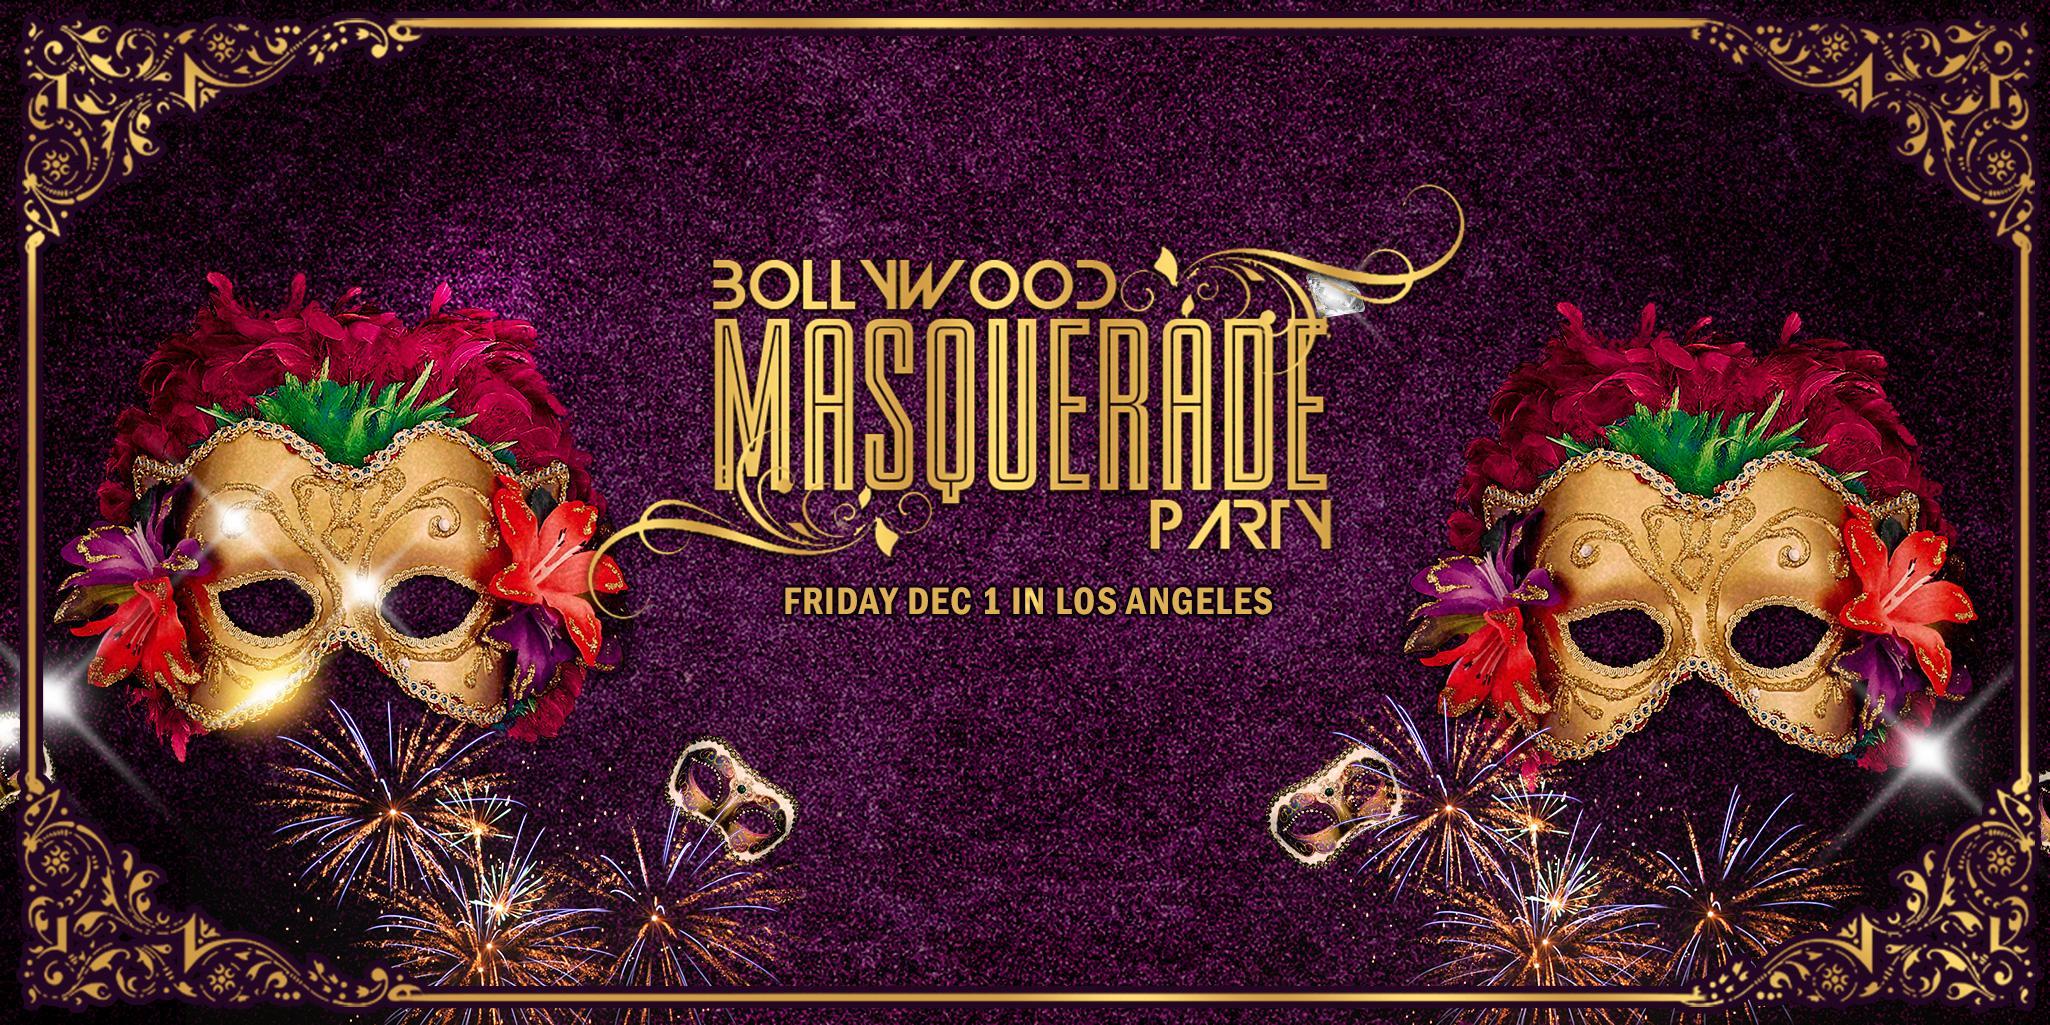 Bollywood Masquerade in Los Angeles